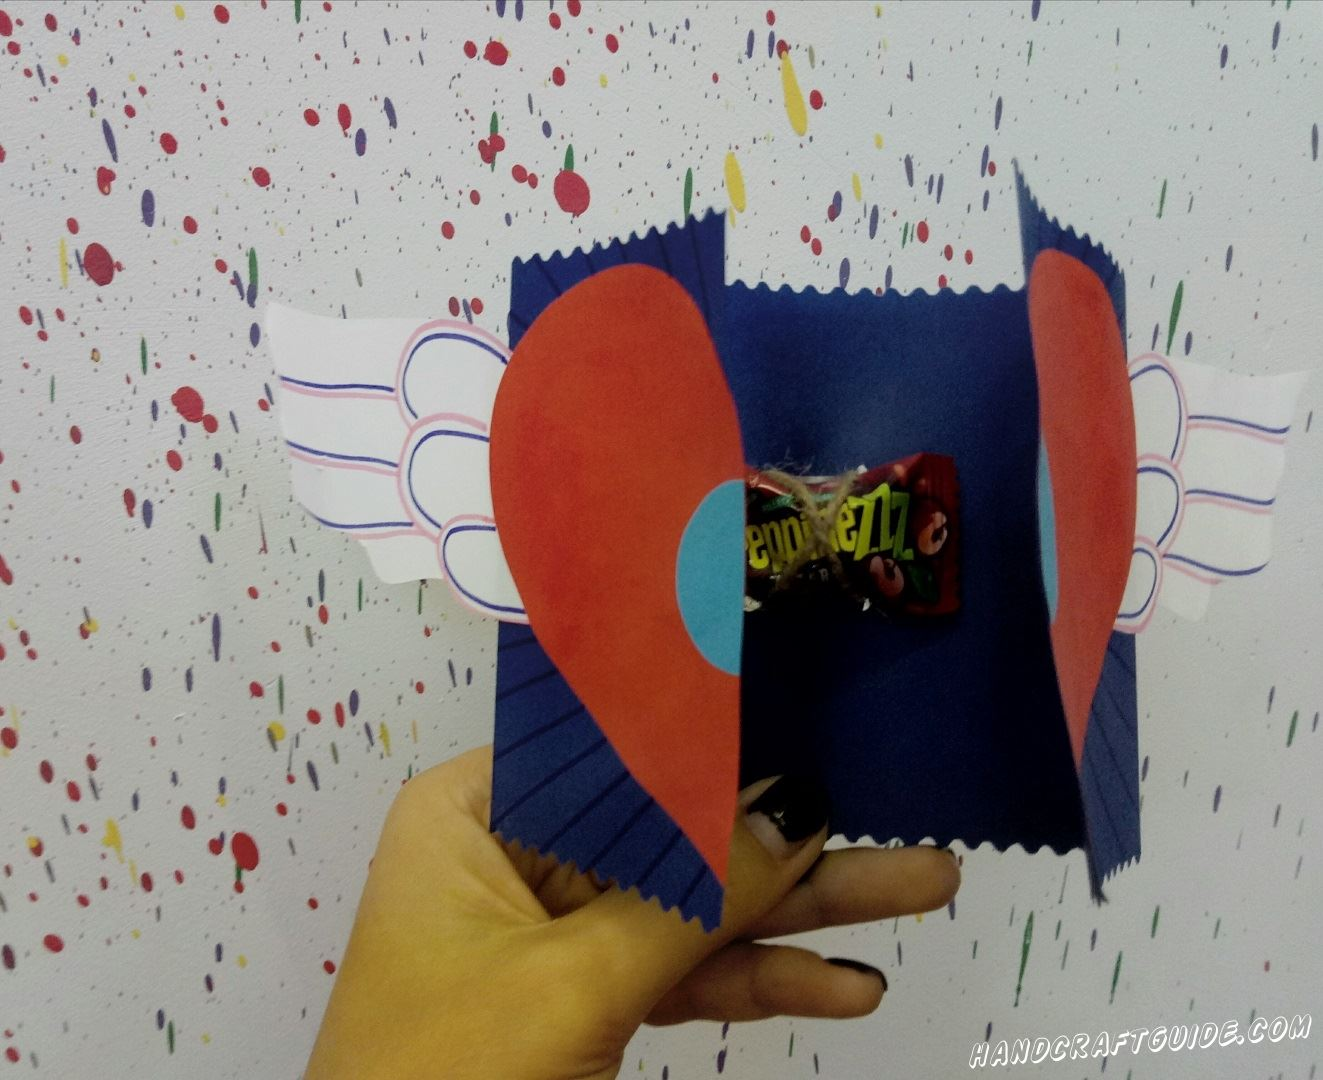 открытка для подарка с сюрпризом на день влюблённых